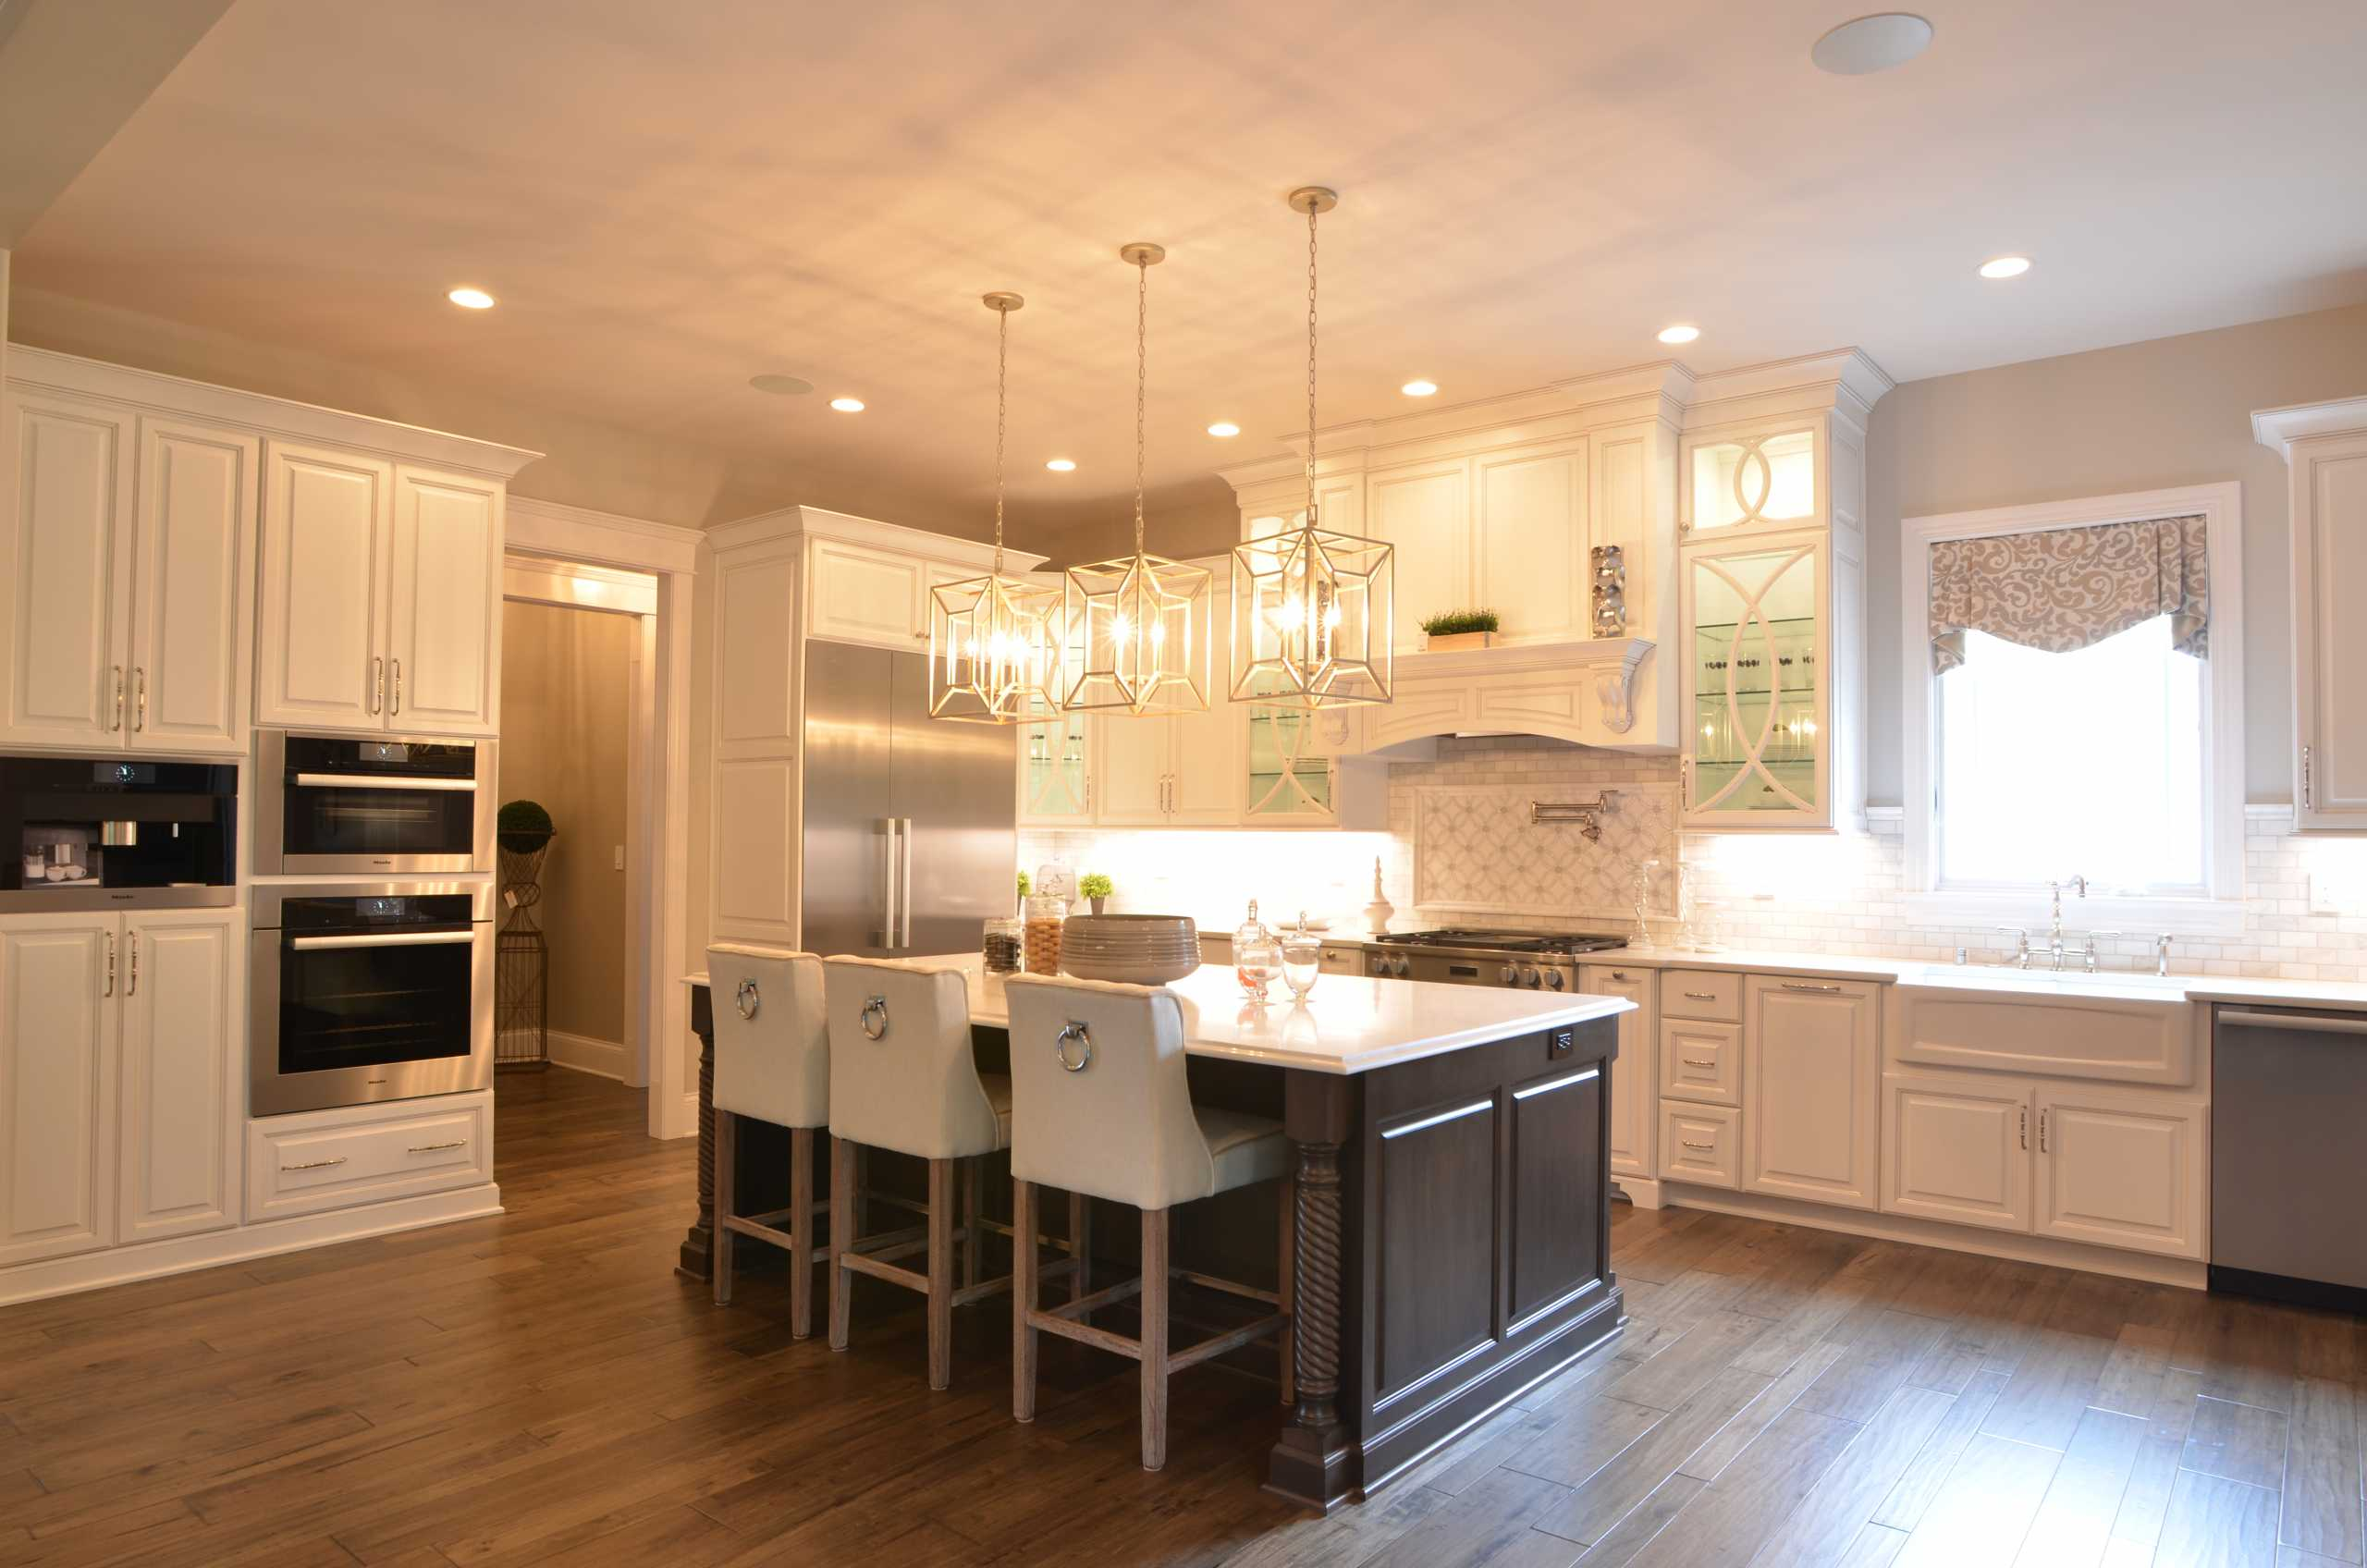 Louisville Nashville Custom Cabinet Design & Remodel